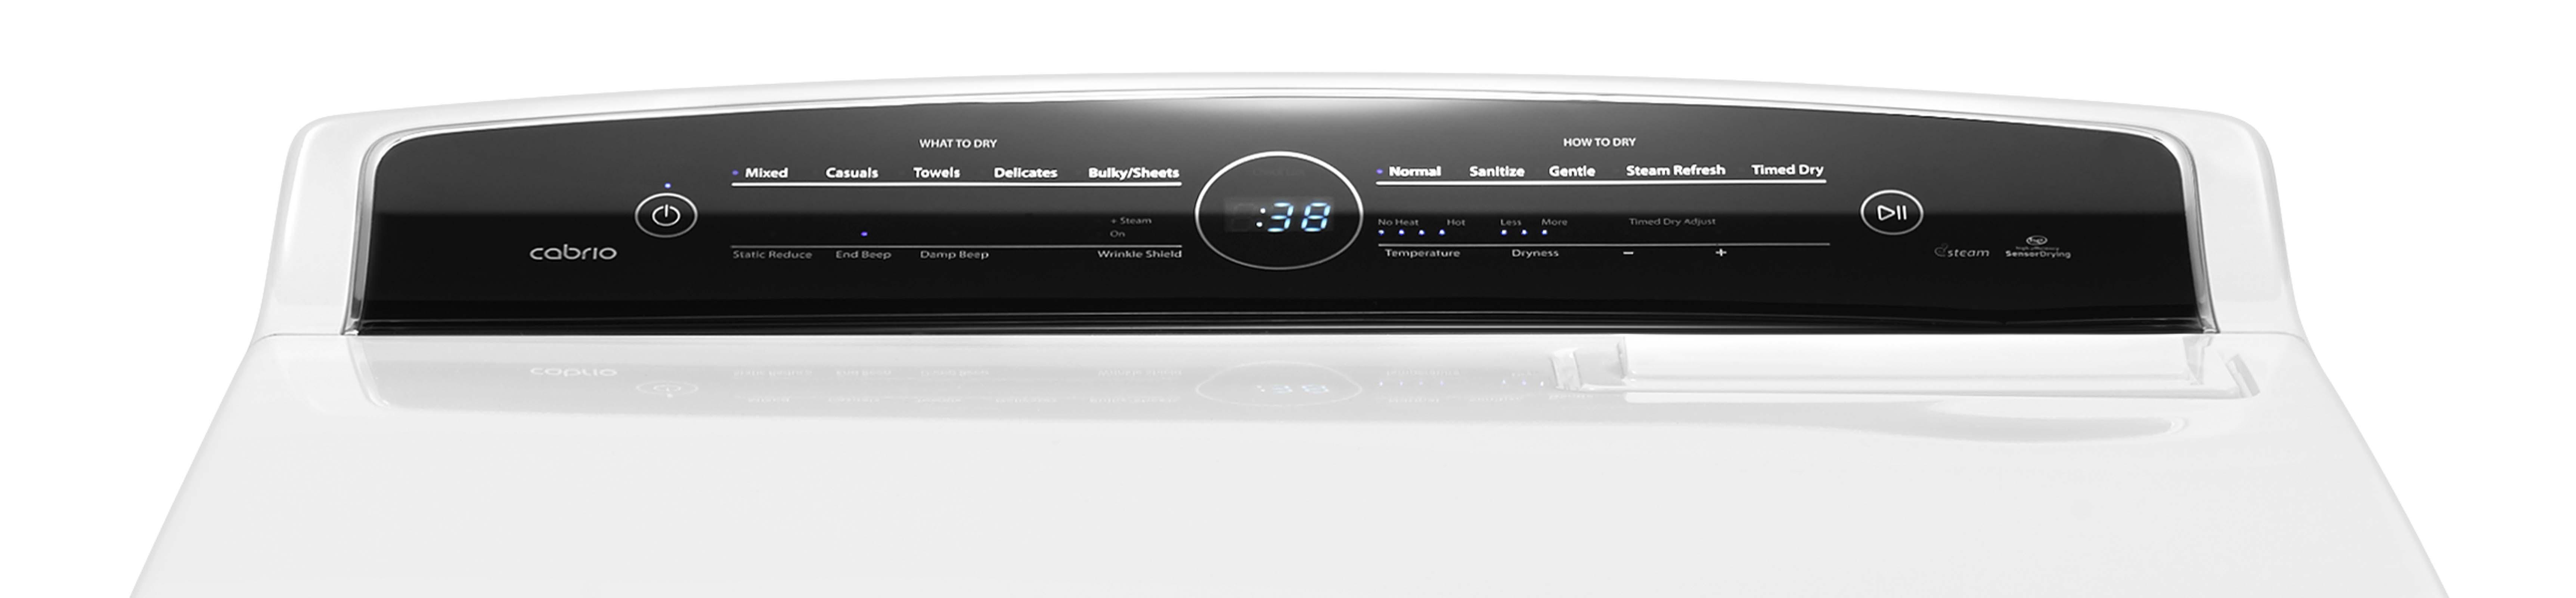 Whirlpool WGD7300DW 7.0 cu. ft. Cabrio® High-Efficiency Gas Dryer - White